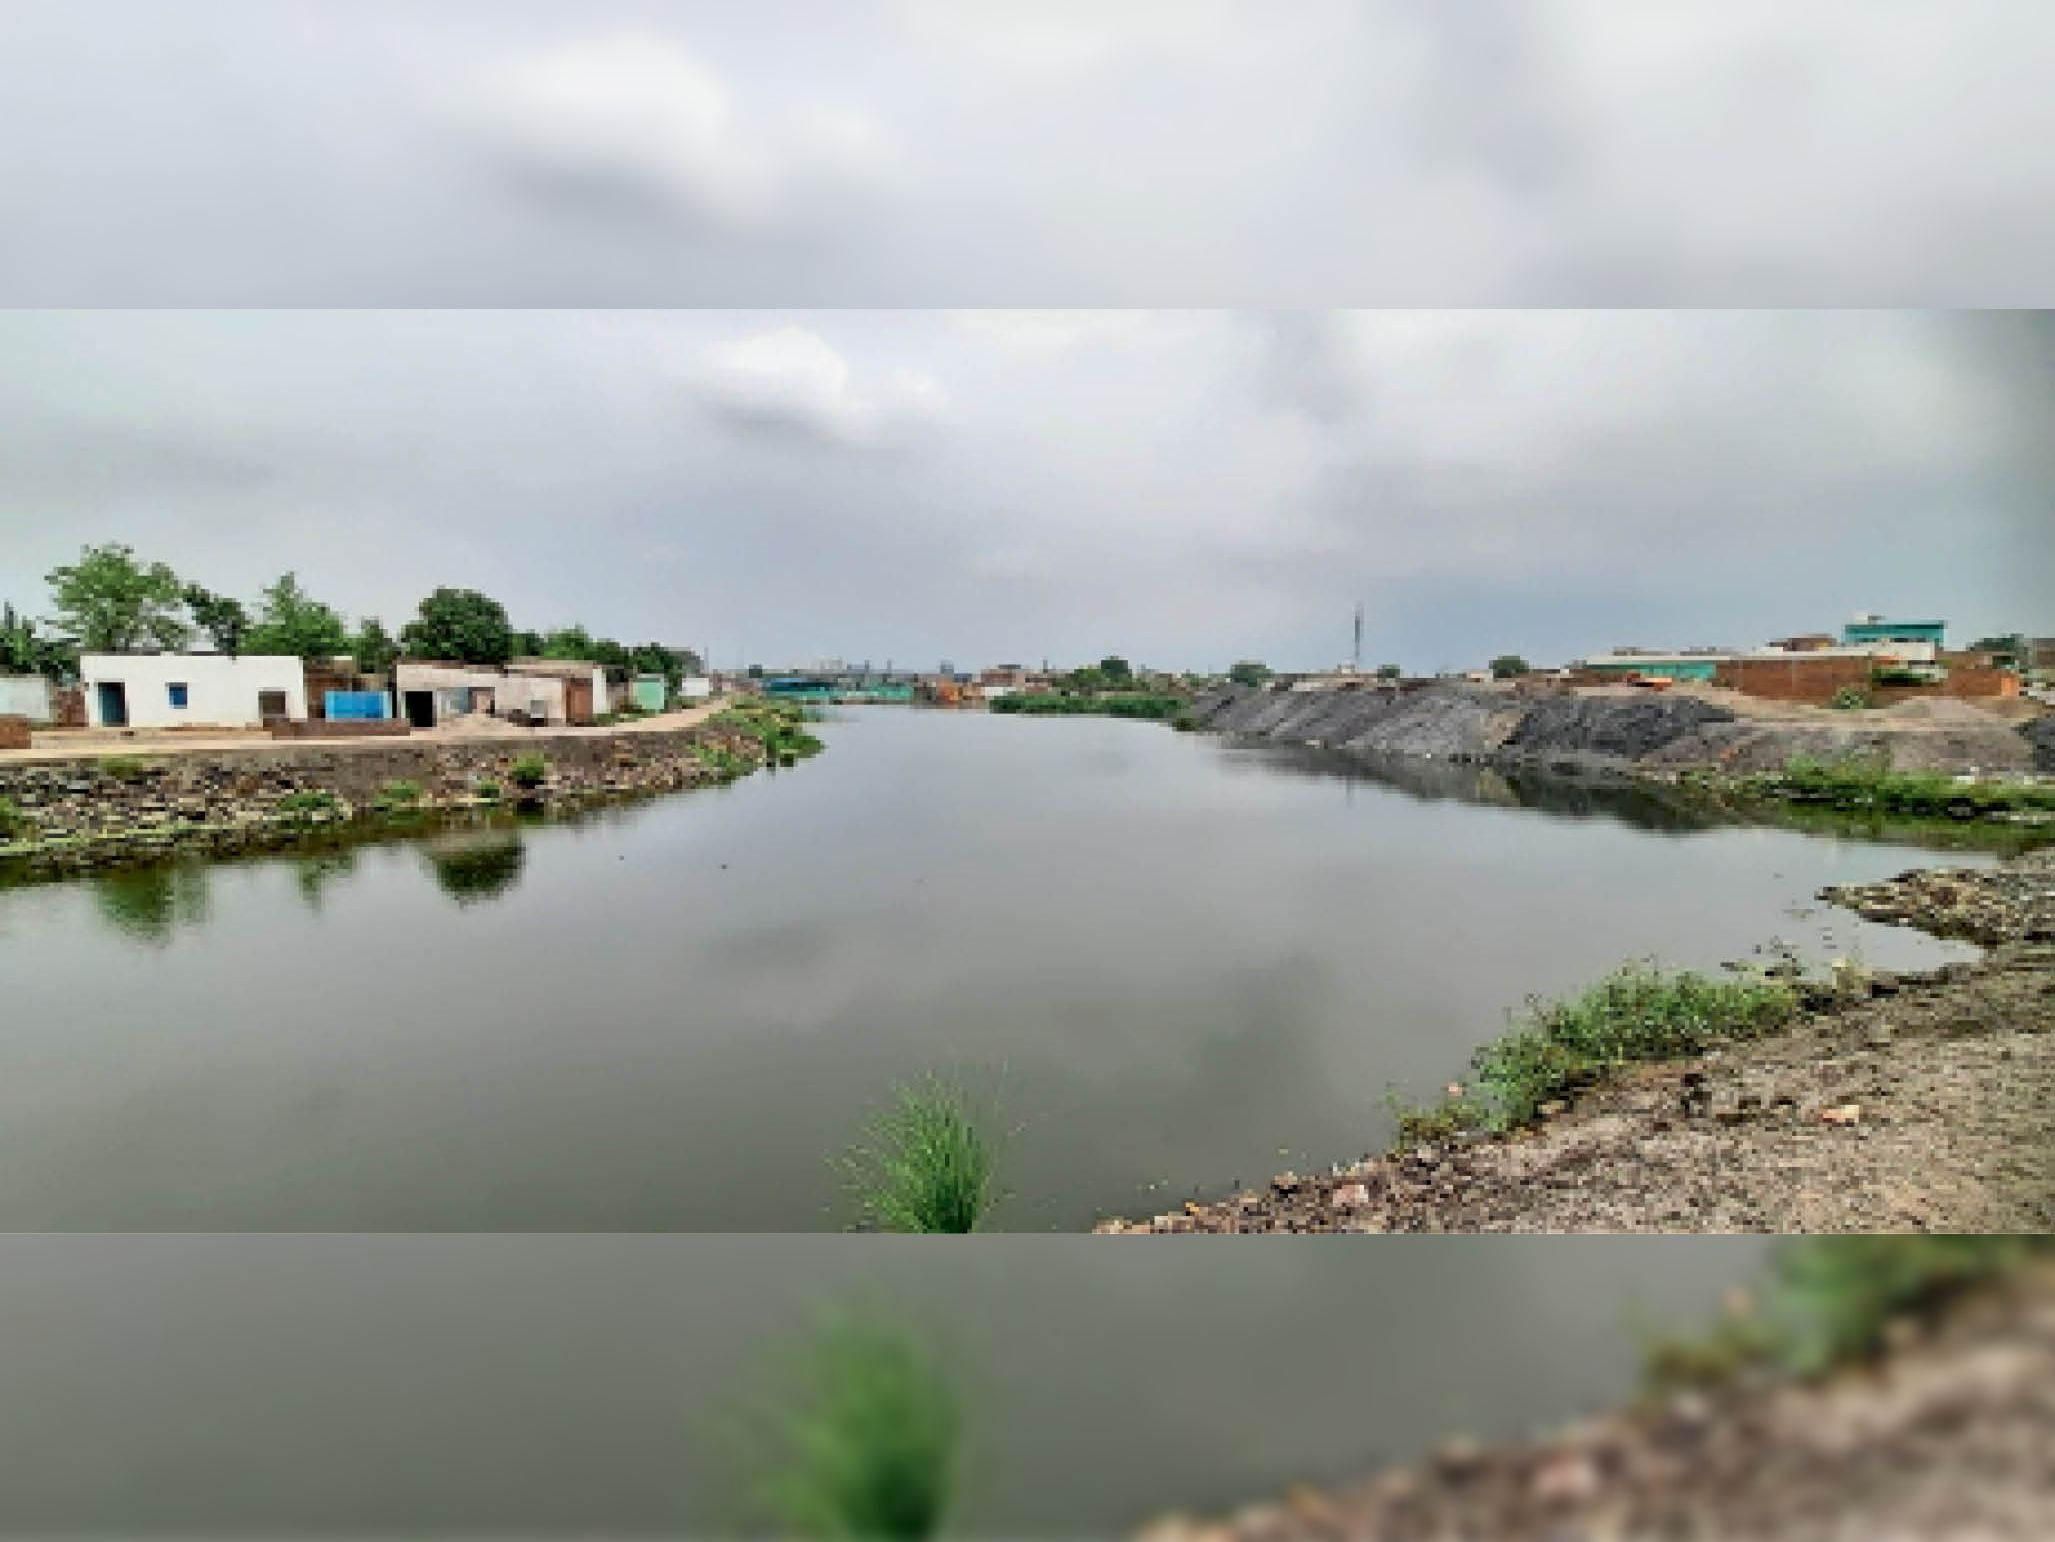 कोकड़ीतराई डेम जहां फ्लाइएश पाटकर अब भी चल रही है कब्जे की तैयारी। - Dainik Bhaskar